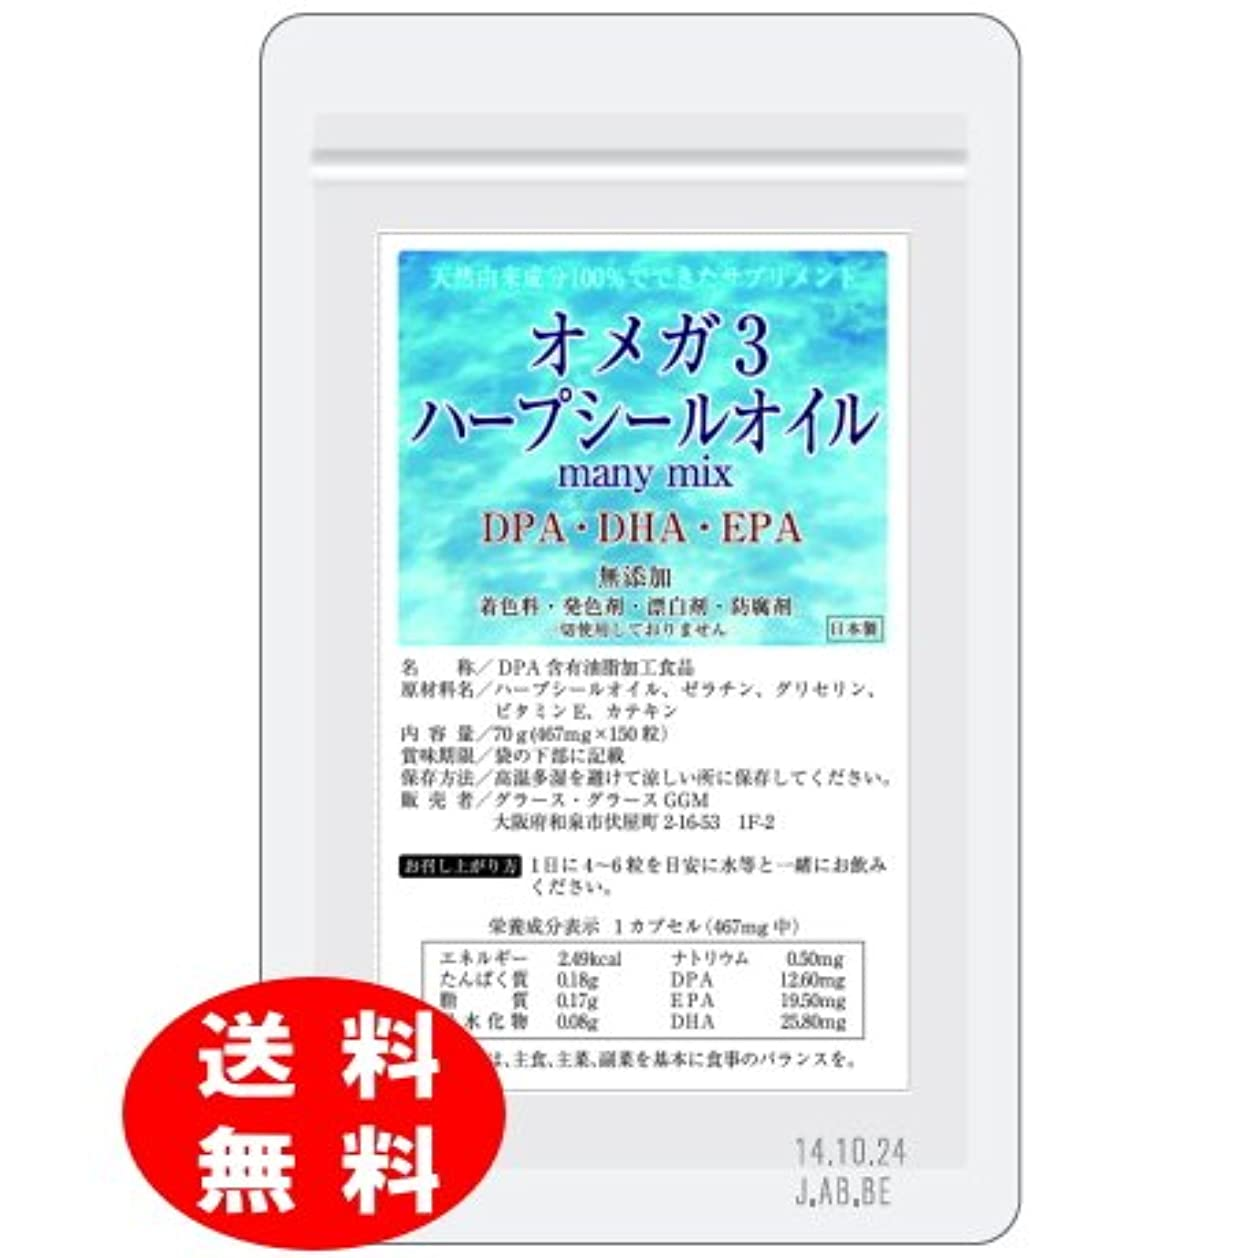 変わるいらいらするフィッティングオメガ3 ハープシールオイル(アザラシオイル) many mix 150粒